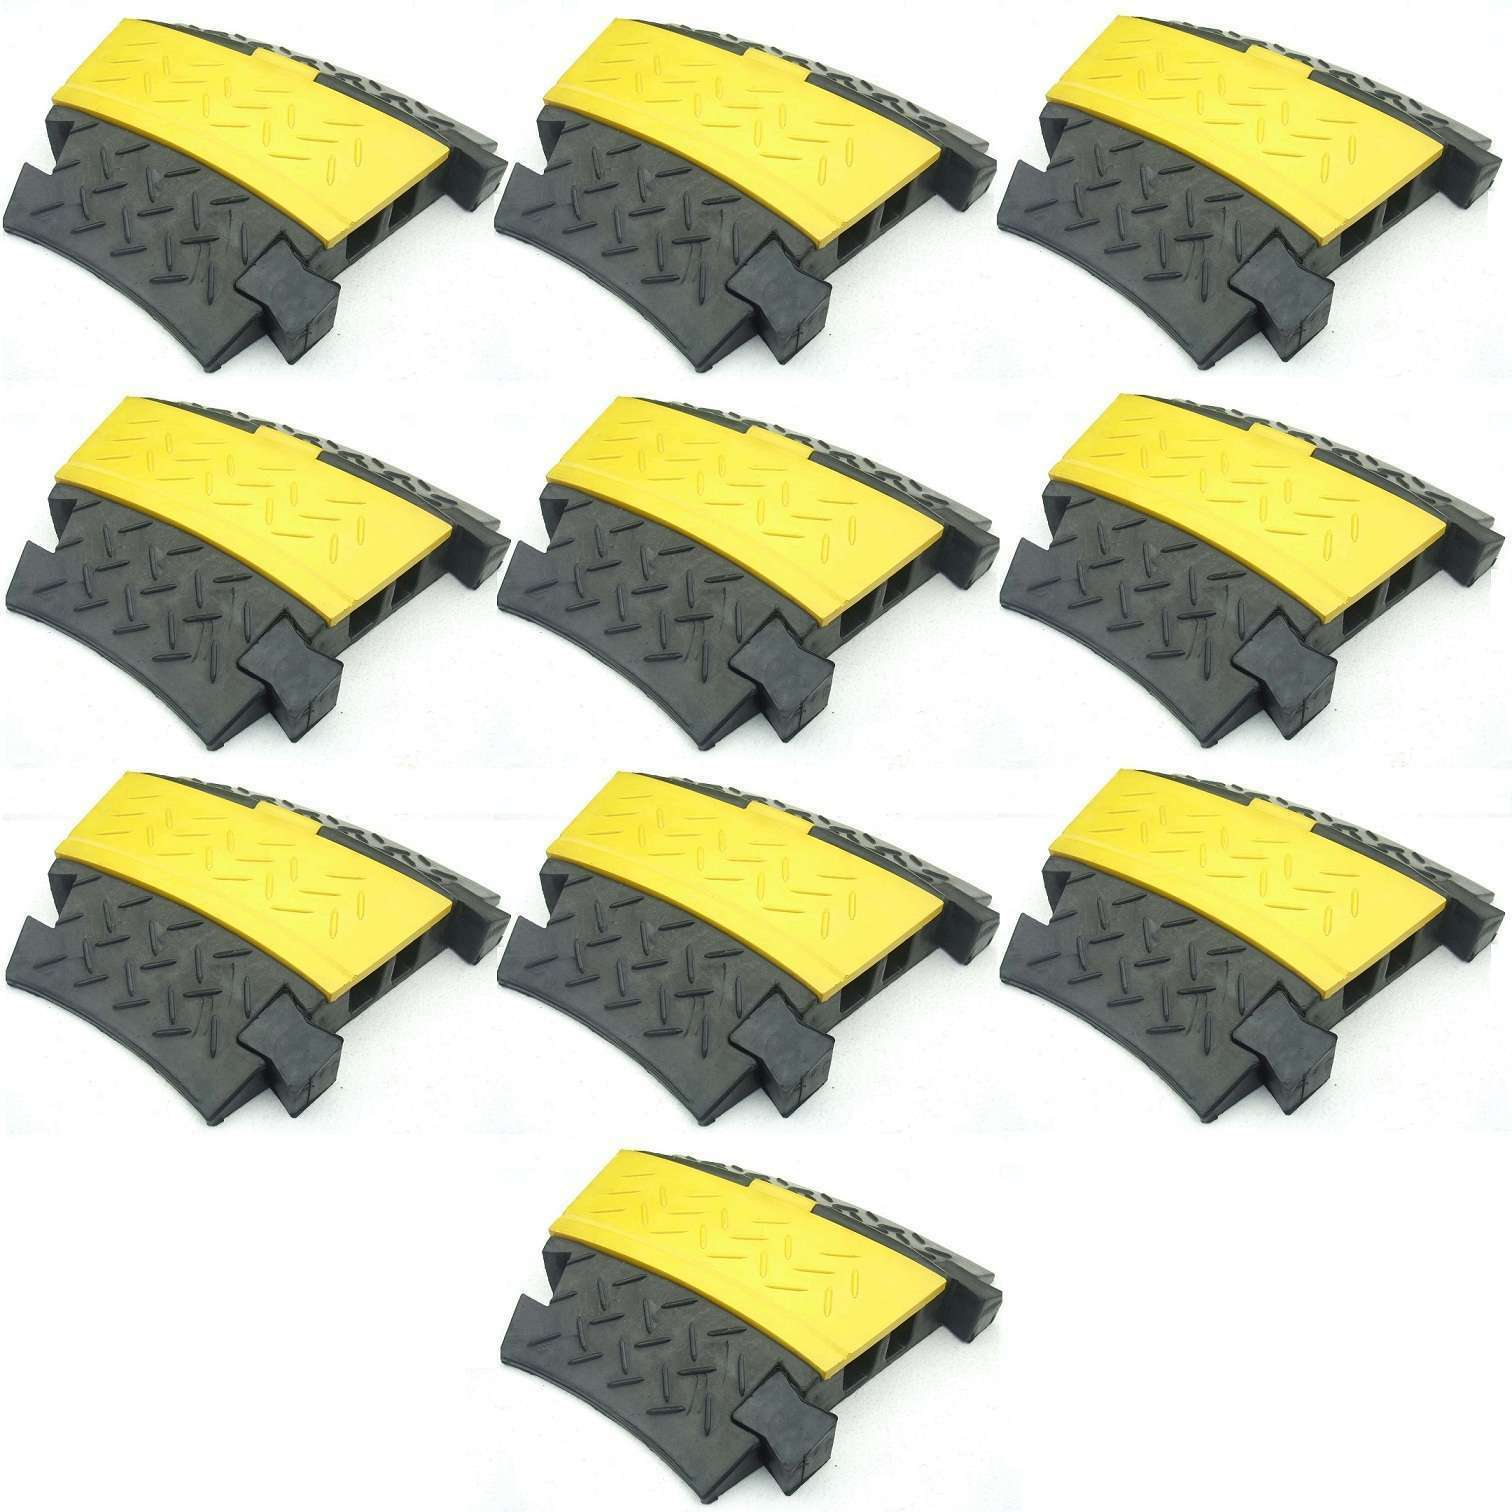 Sonstige Baustellengeräte & -ausrüstung SchöN 4x 3 Kanal Kabelbrücke Lkw Überfahrrampe Kabelkanal Überfahrschutz Kabelschutz 100% Garantie